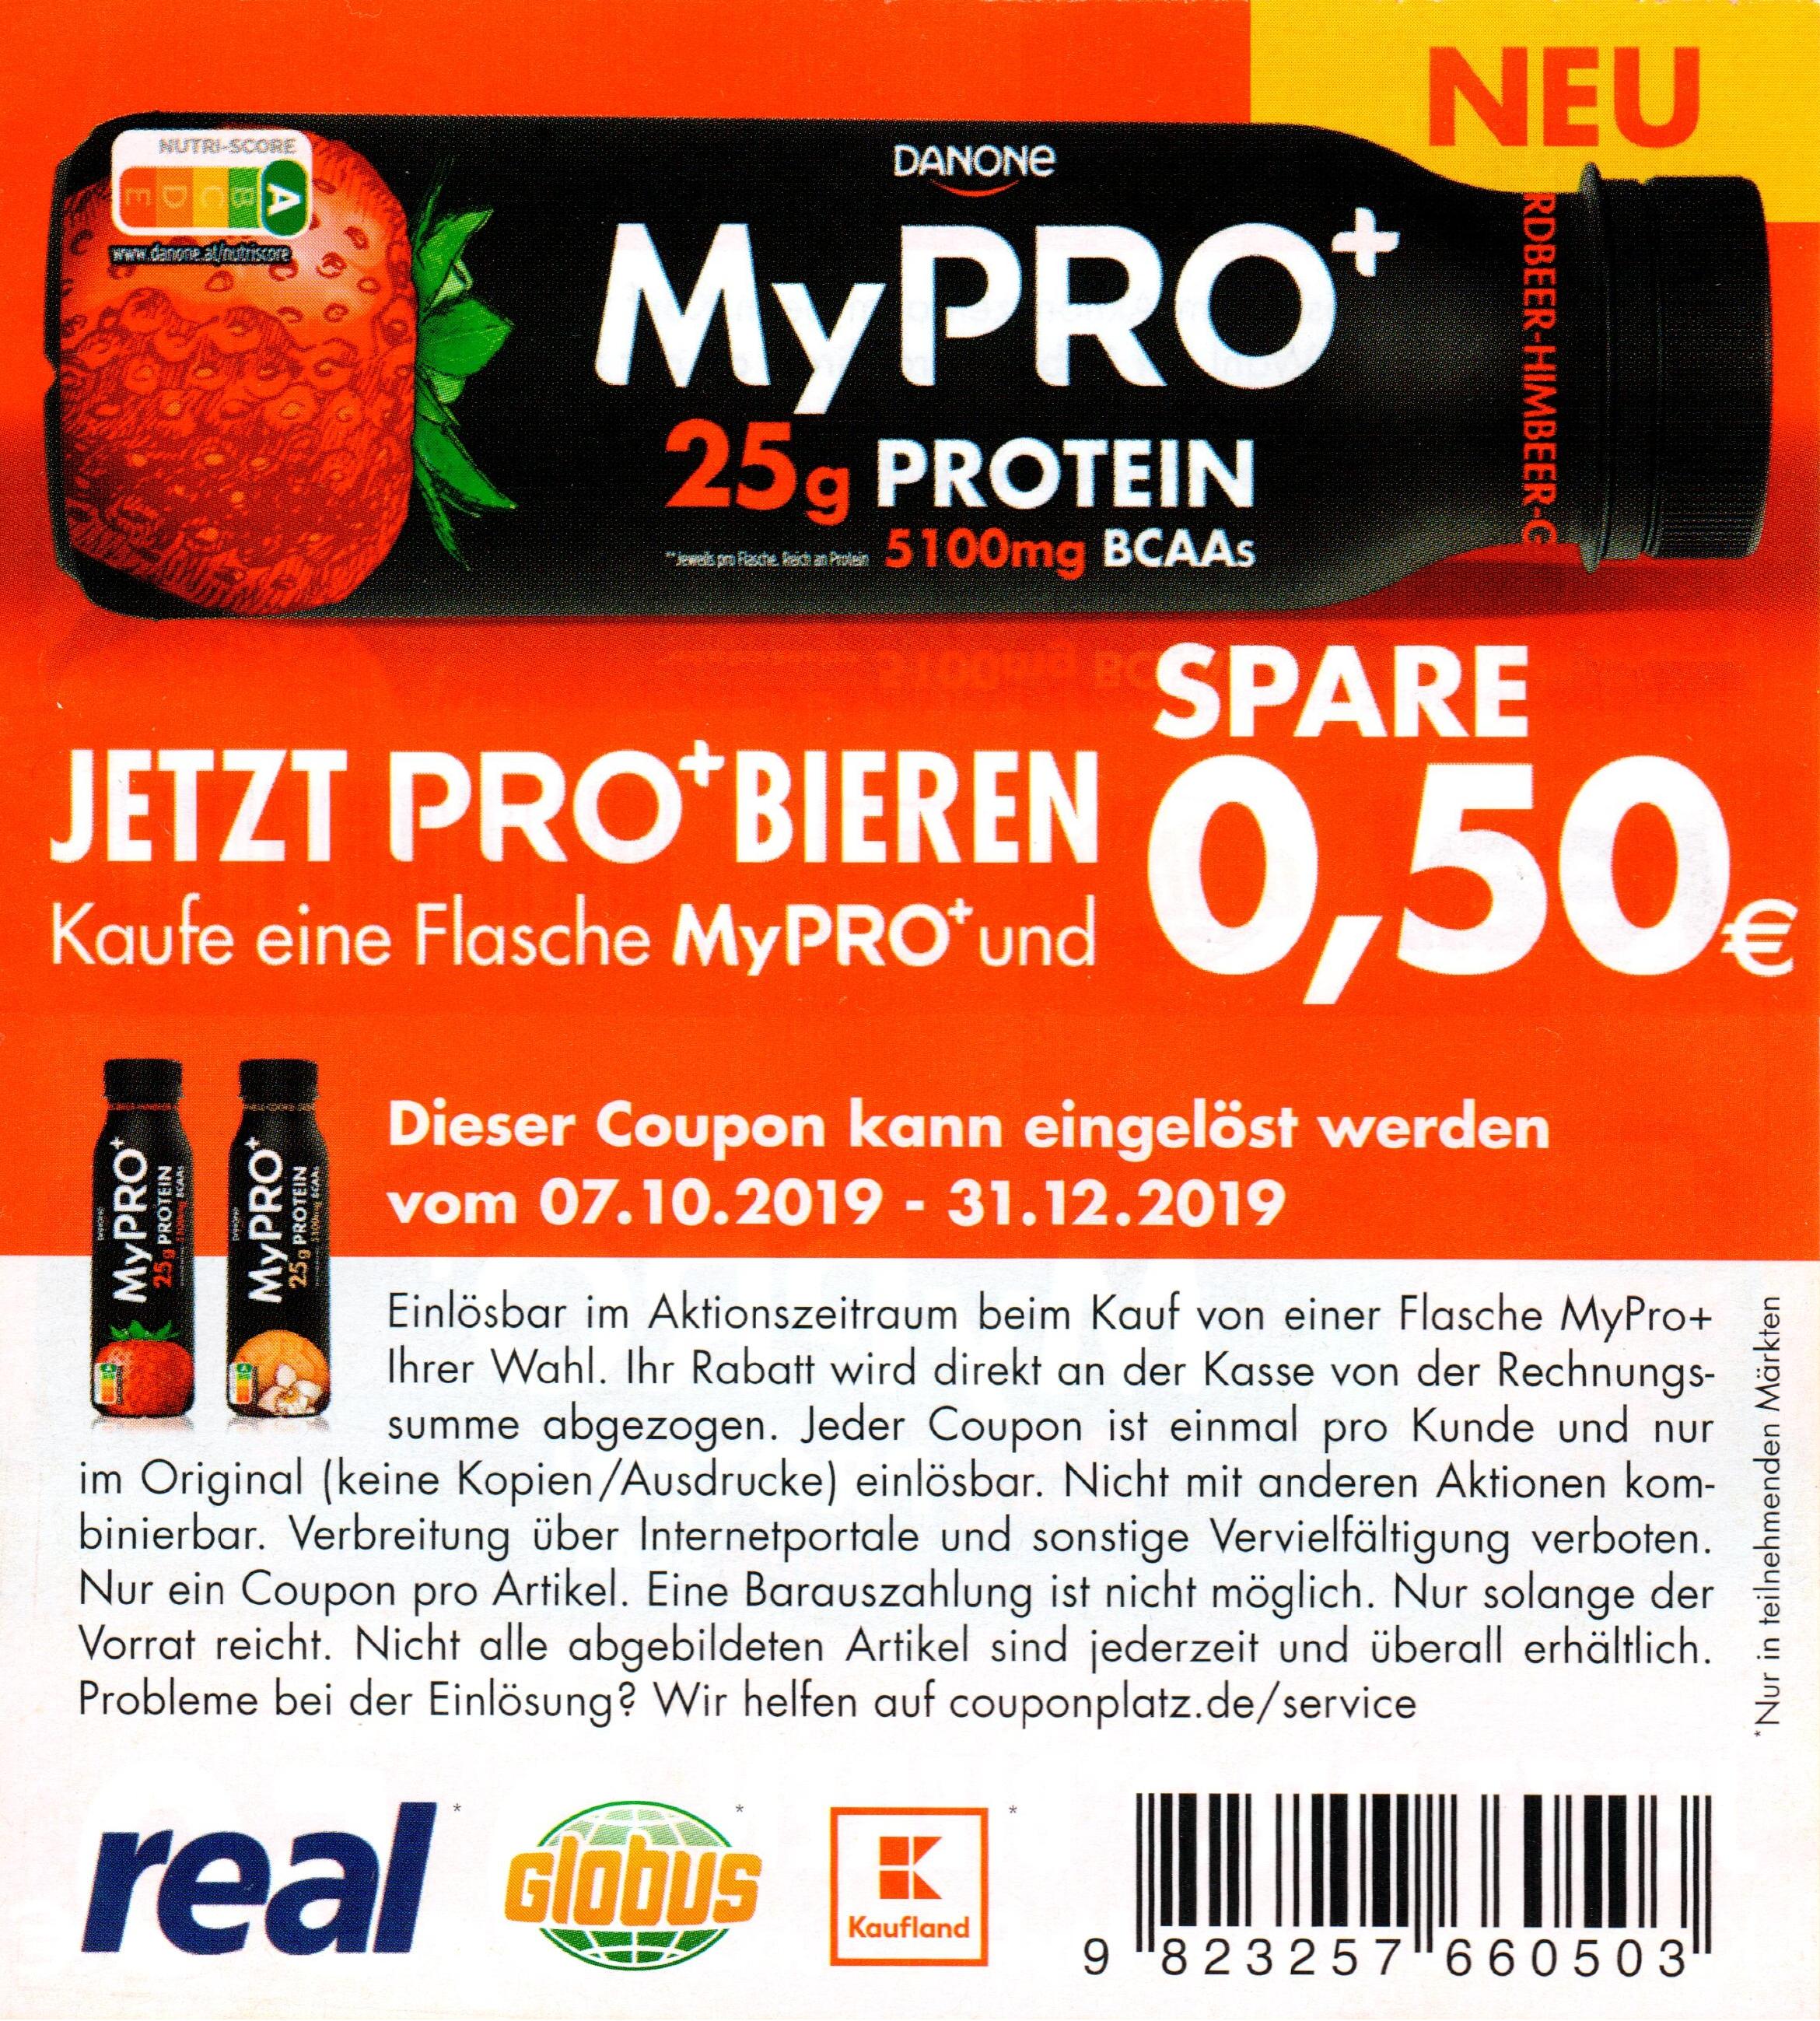 0,50€ Coupon für Danone MyPRO+ bis 31.12.2019 [Globus/Kaufland/Real]